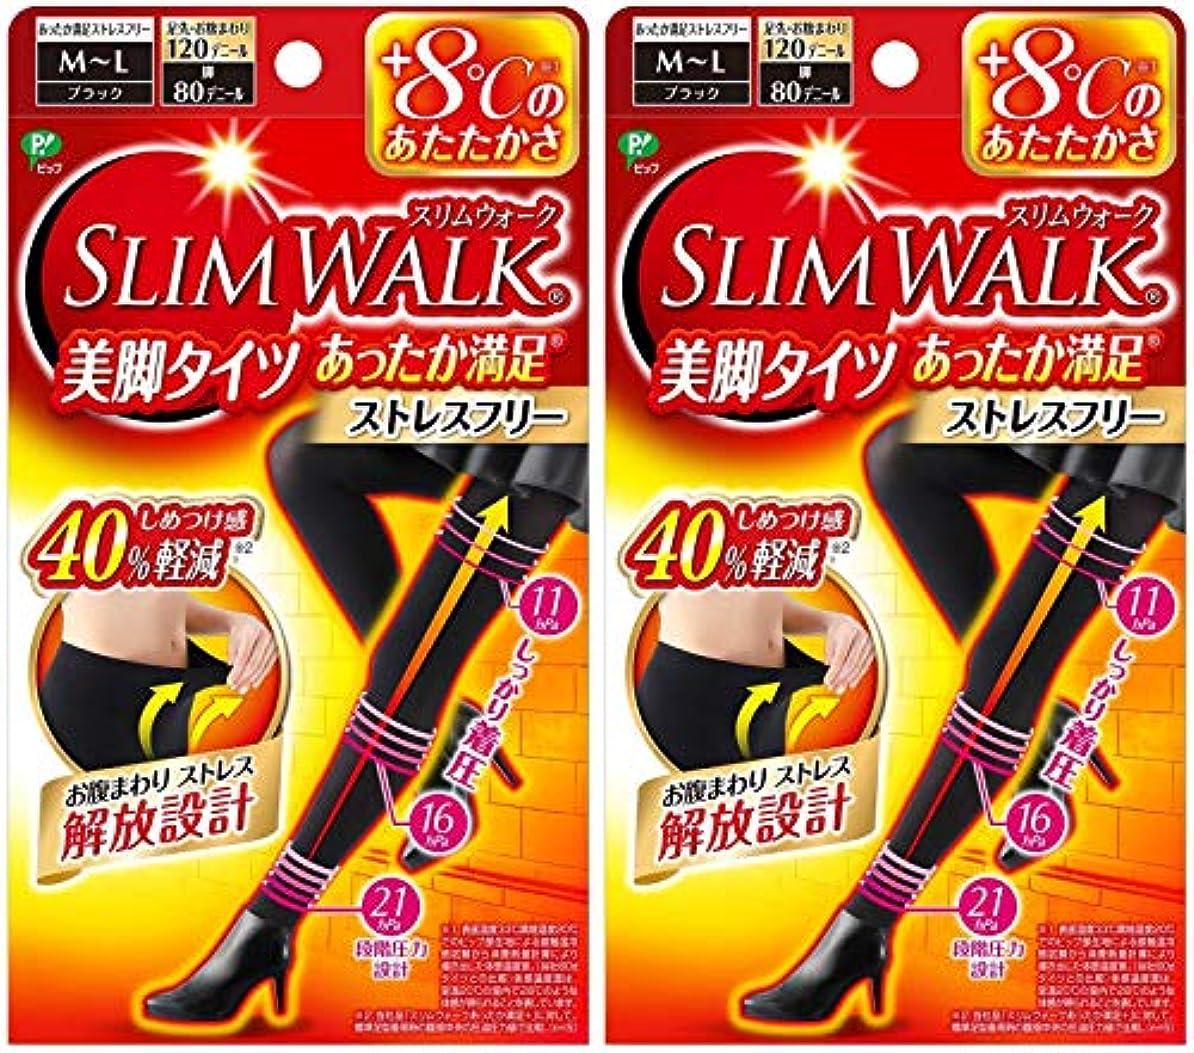 チョップマキシムインタビュー【2個セット】 スリムウォーク (SLIM WALK) 美脚タイツ あったか満足 おそと用 M~Lサイズ